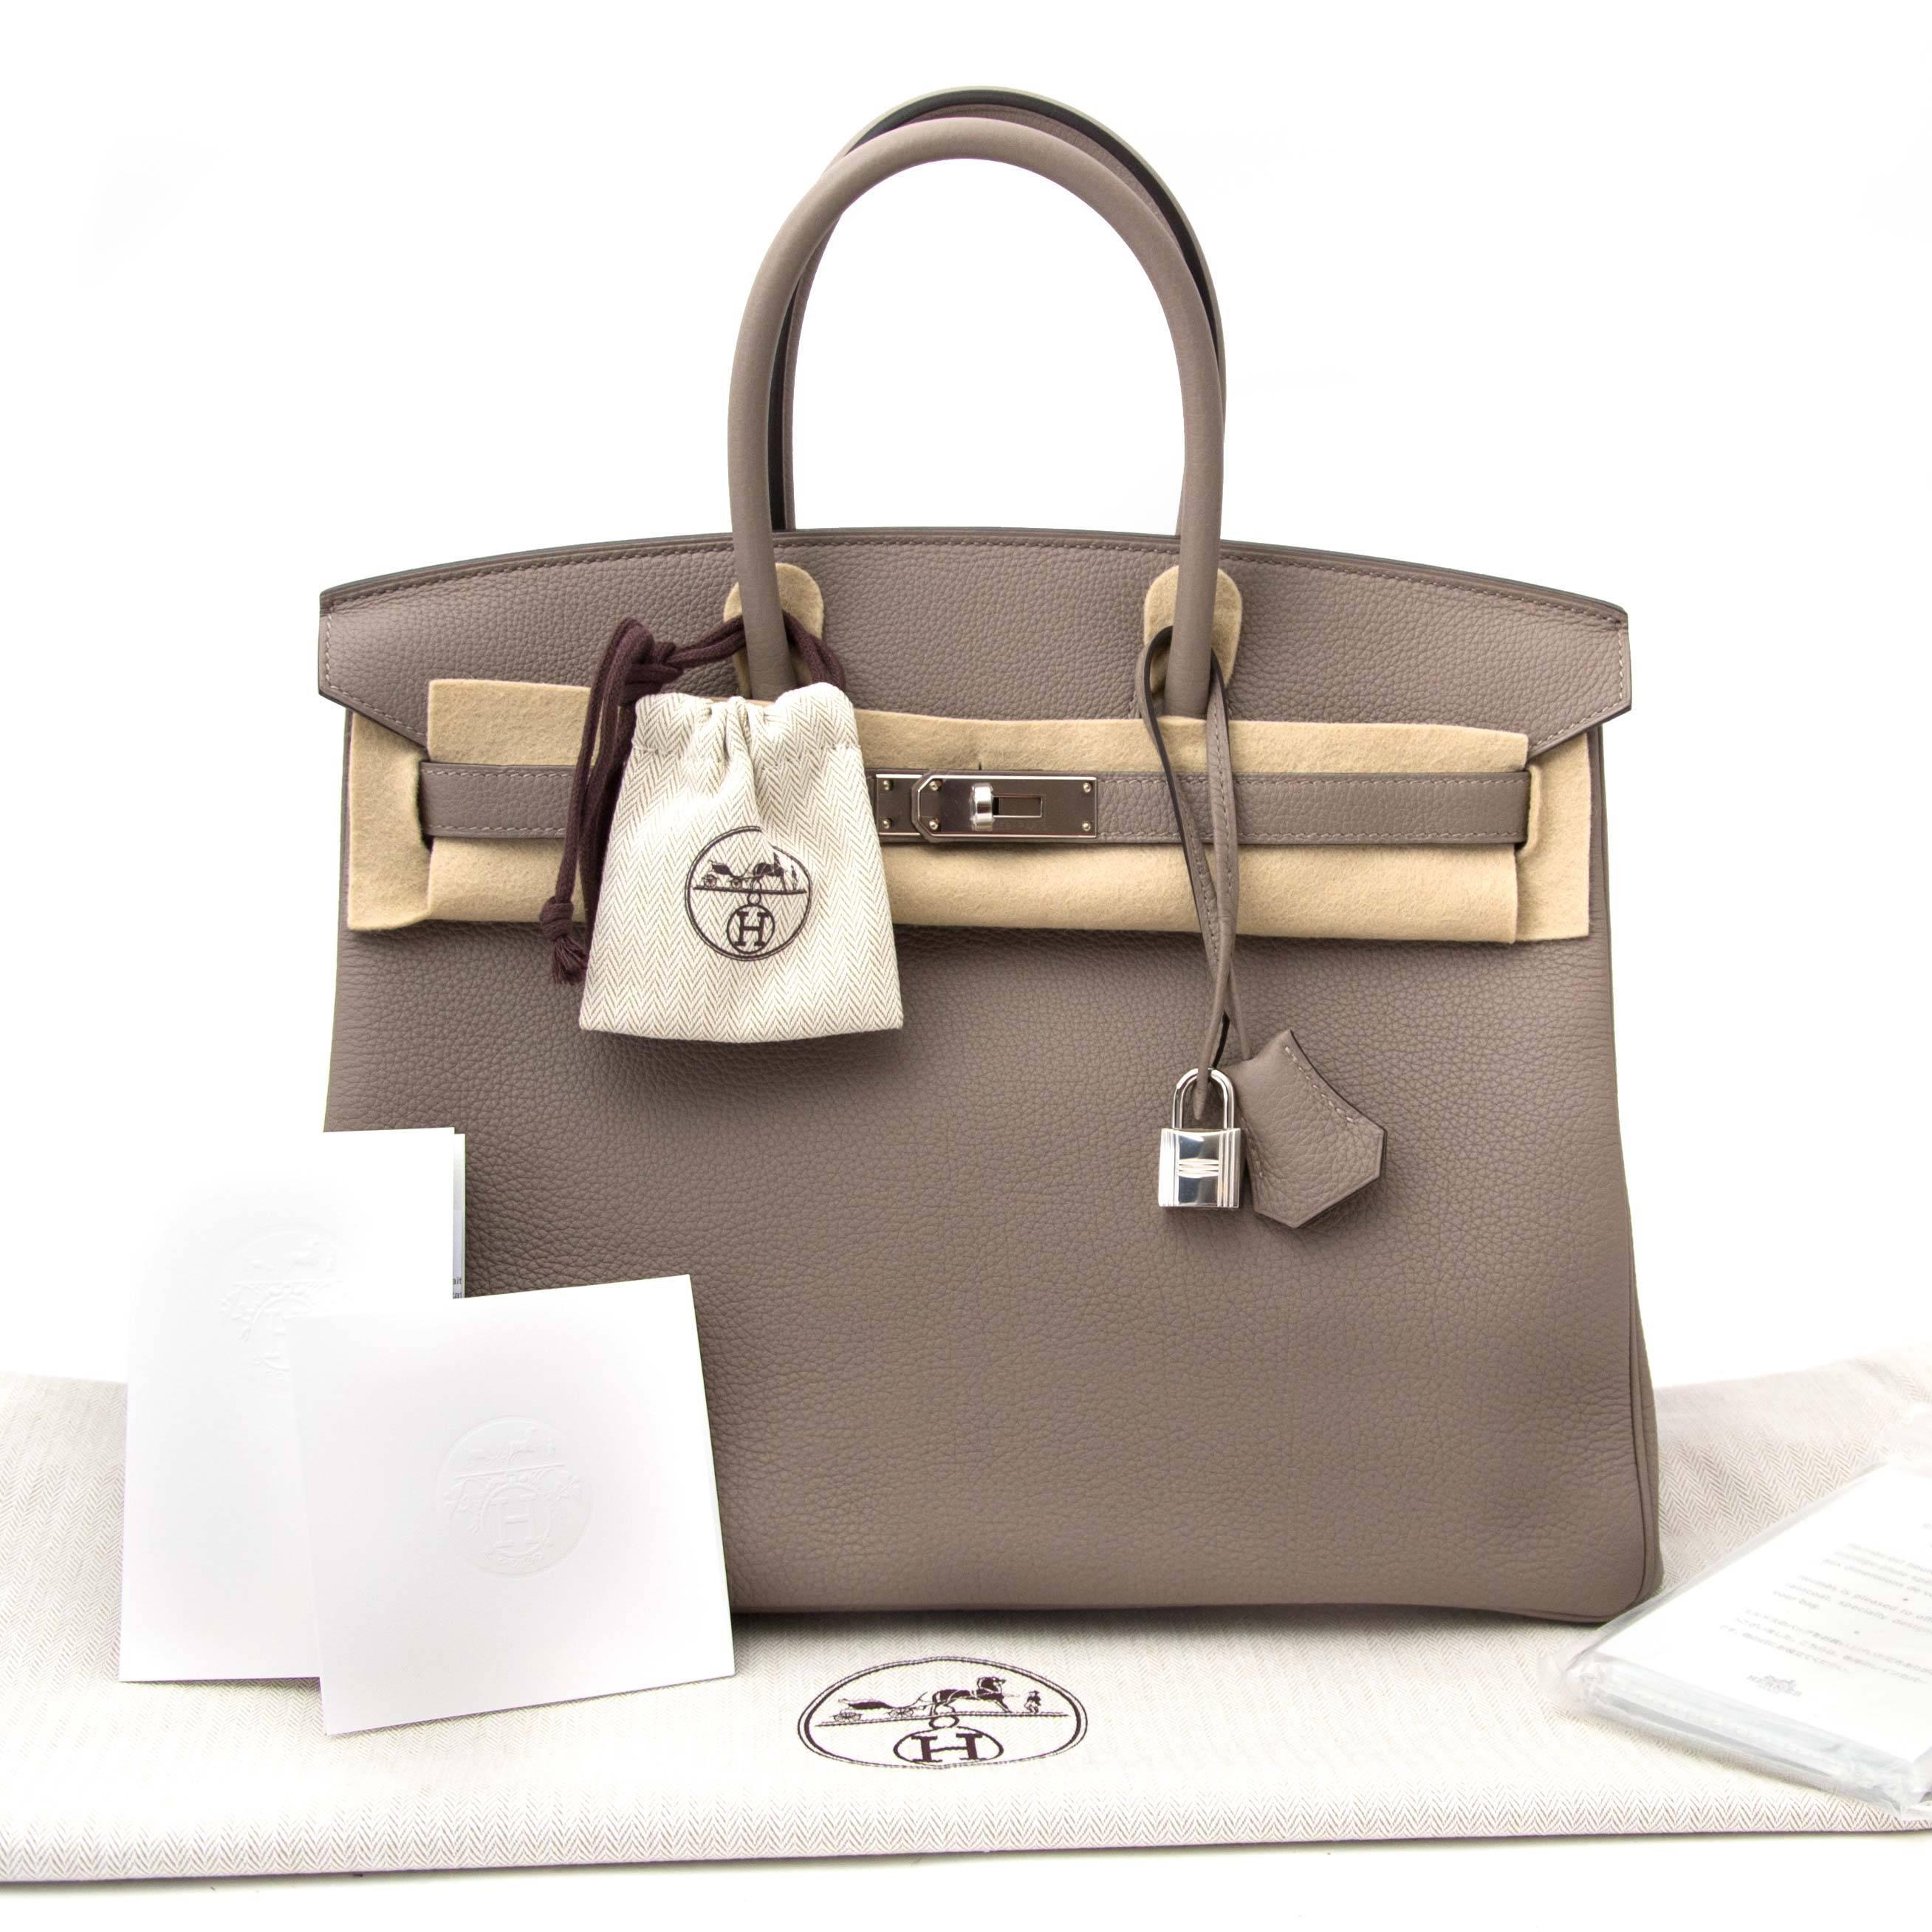 2e6cd3d9ac04 Hermès Birkin 35 Togo Gris Asphalte PHW For Sale at 1stdibs